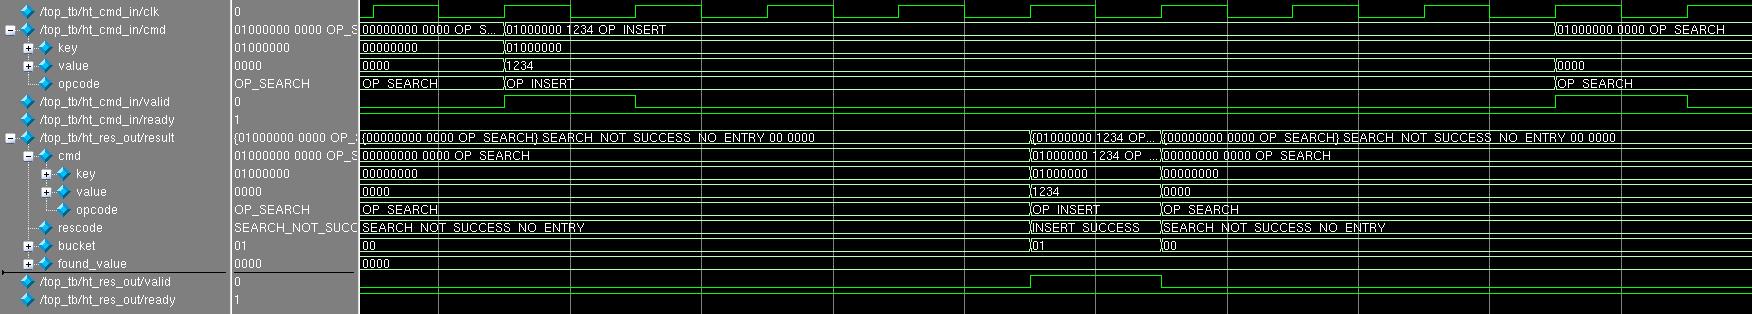 Как я ошибся при написании хеш-таблицы и какие выводы из этого сделал - 2